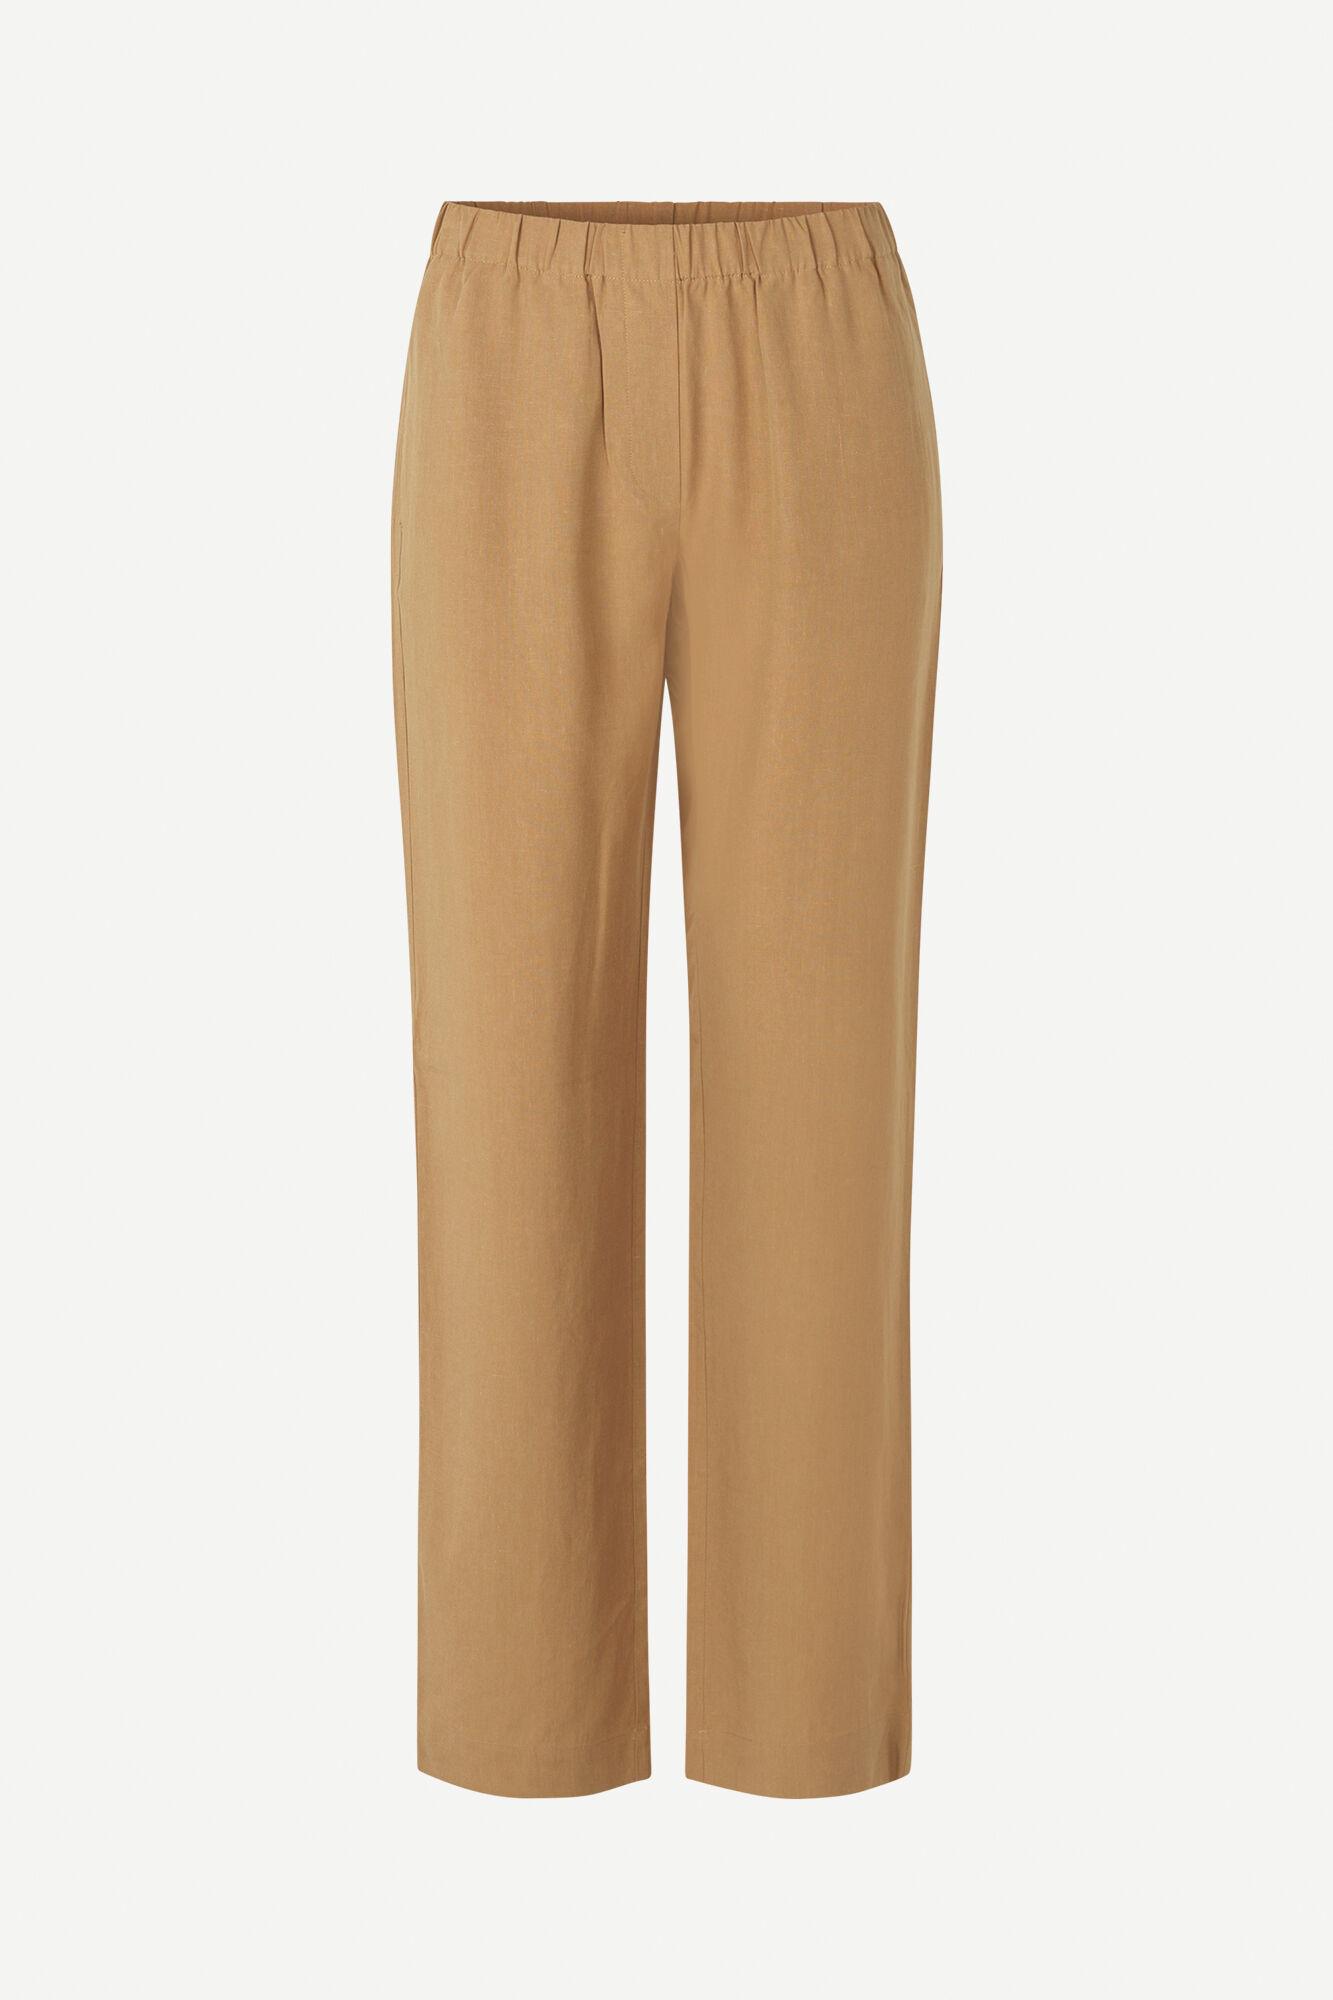 Hoys Straight Pants Dijon Brown 12663-1